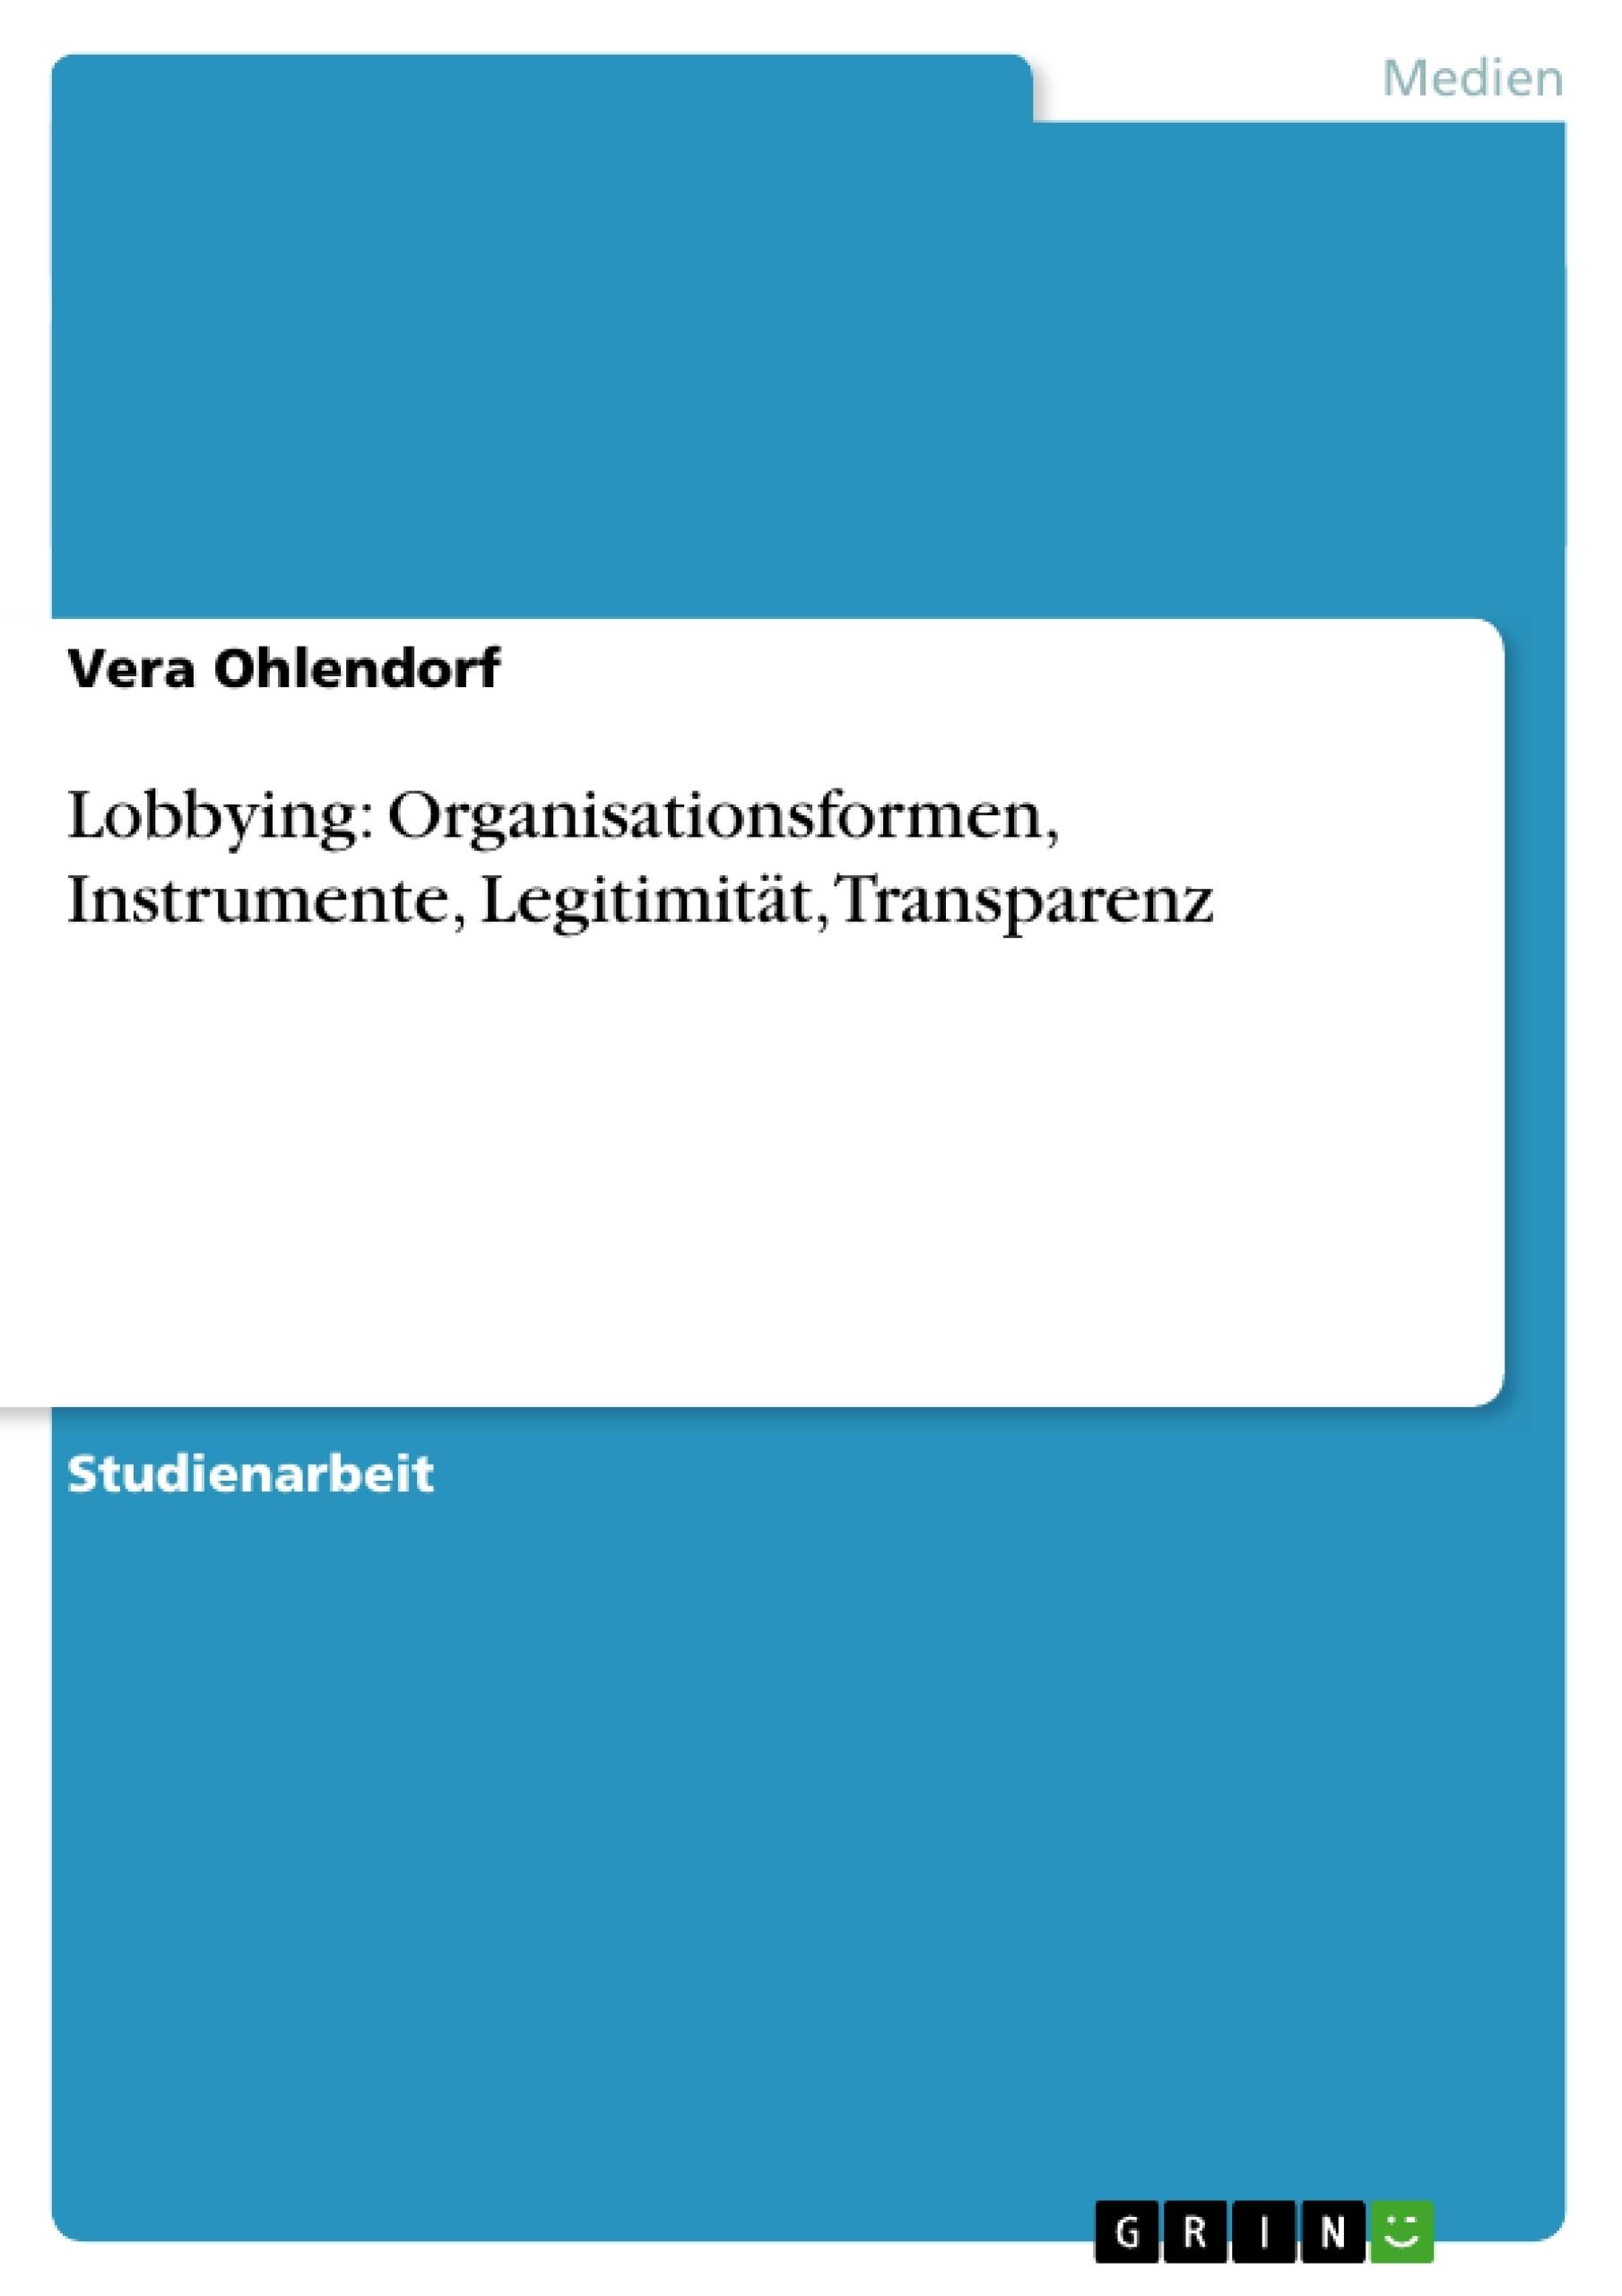 Titel: Lobbying: Organisationsformen, Instrumente, Legitimität, Transparenz